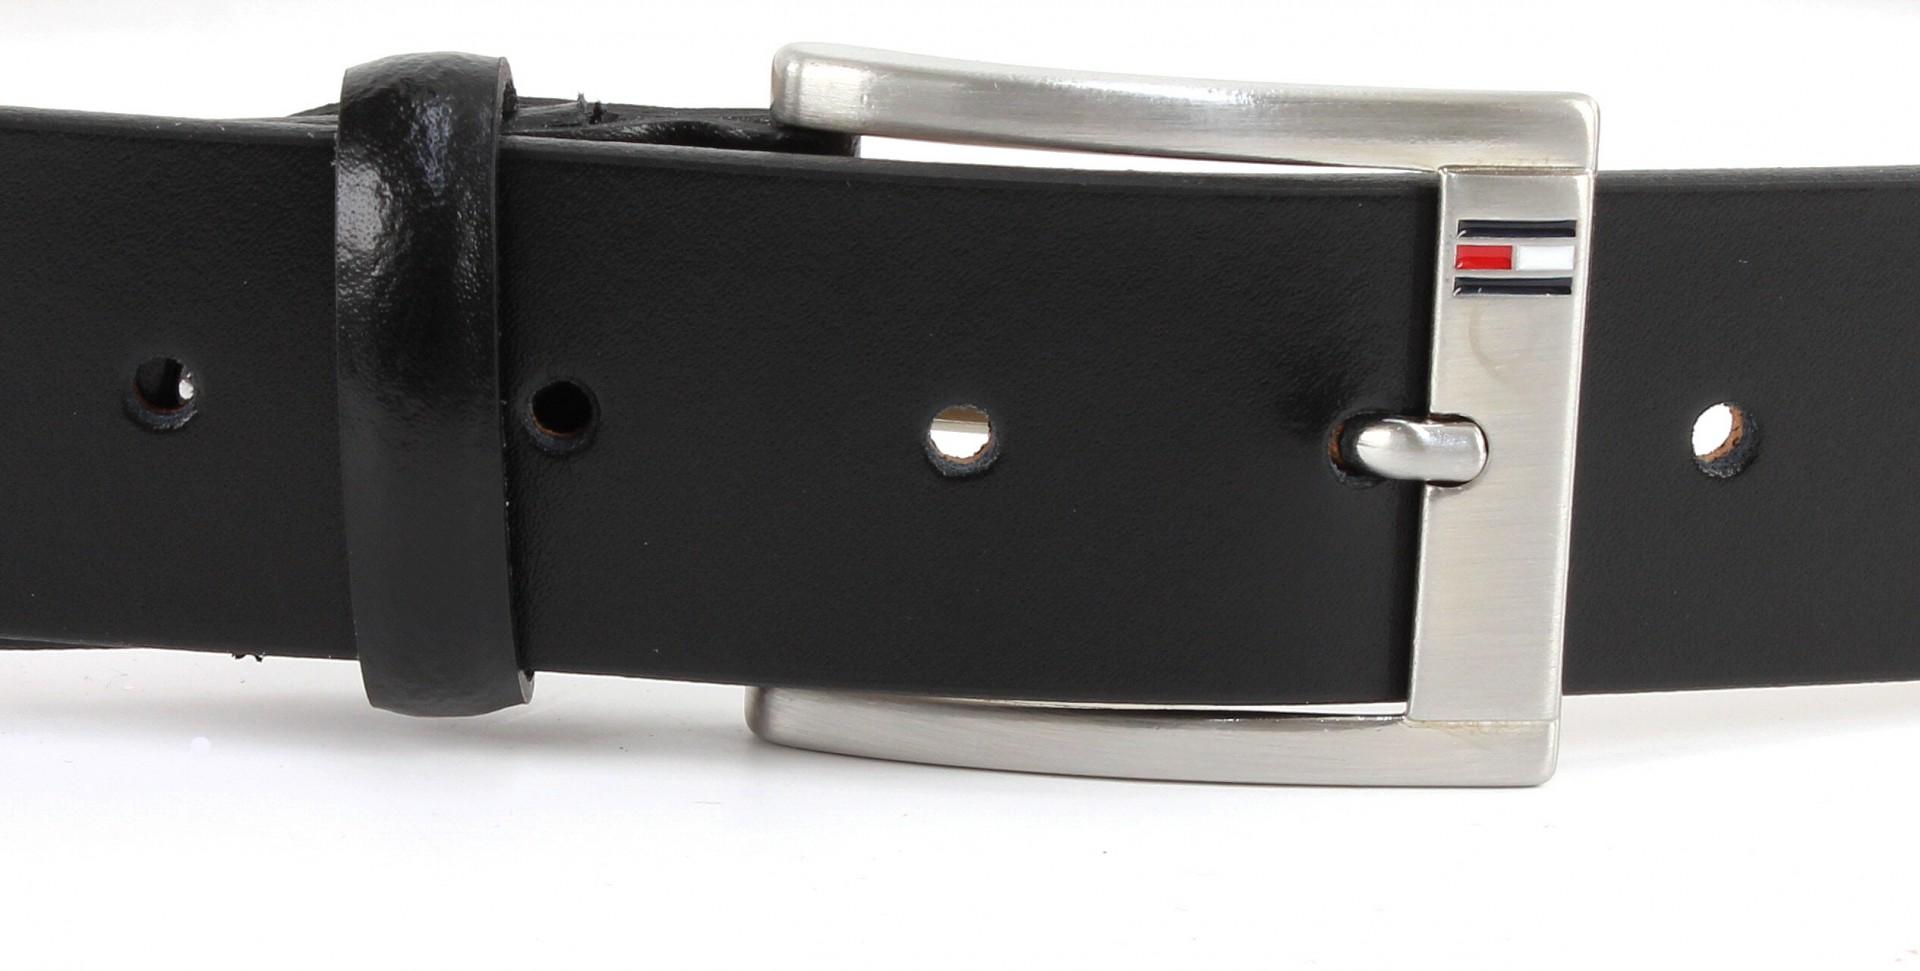 tommy hilfiger trenton belt w95 g rtel lederg rtel herreng rtel. Black Bedroom Furniture Sets. Home Design Ideas